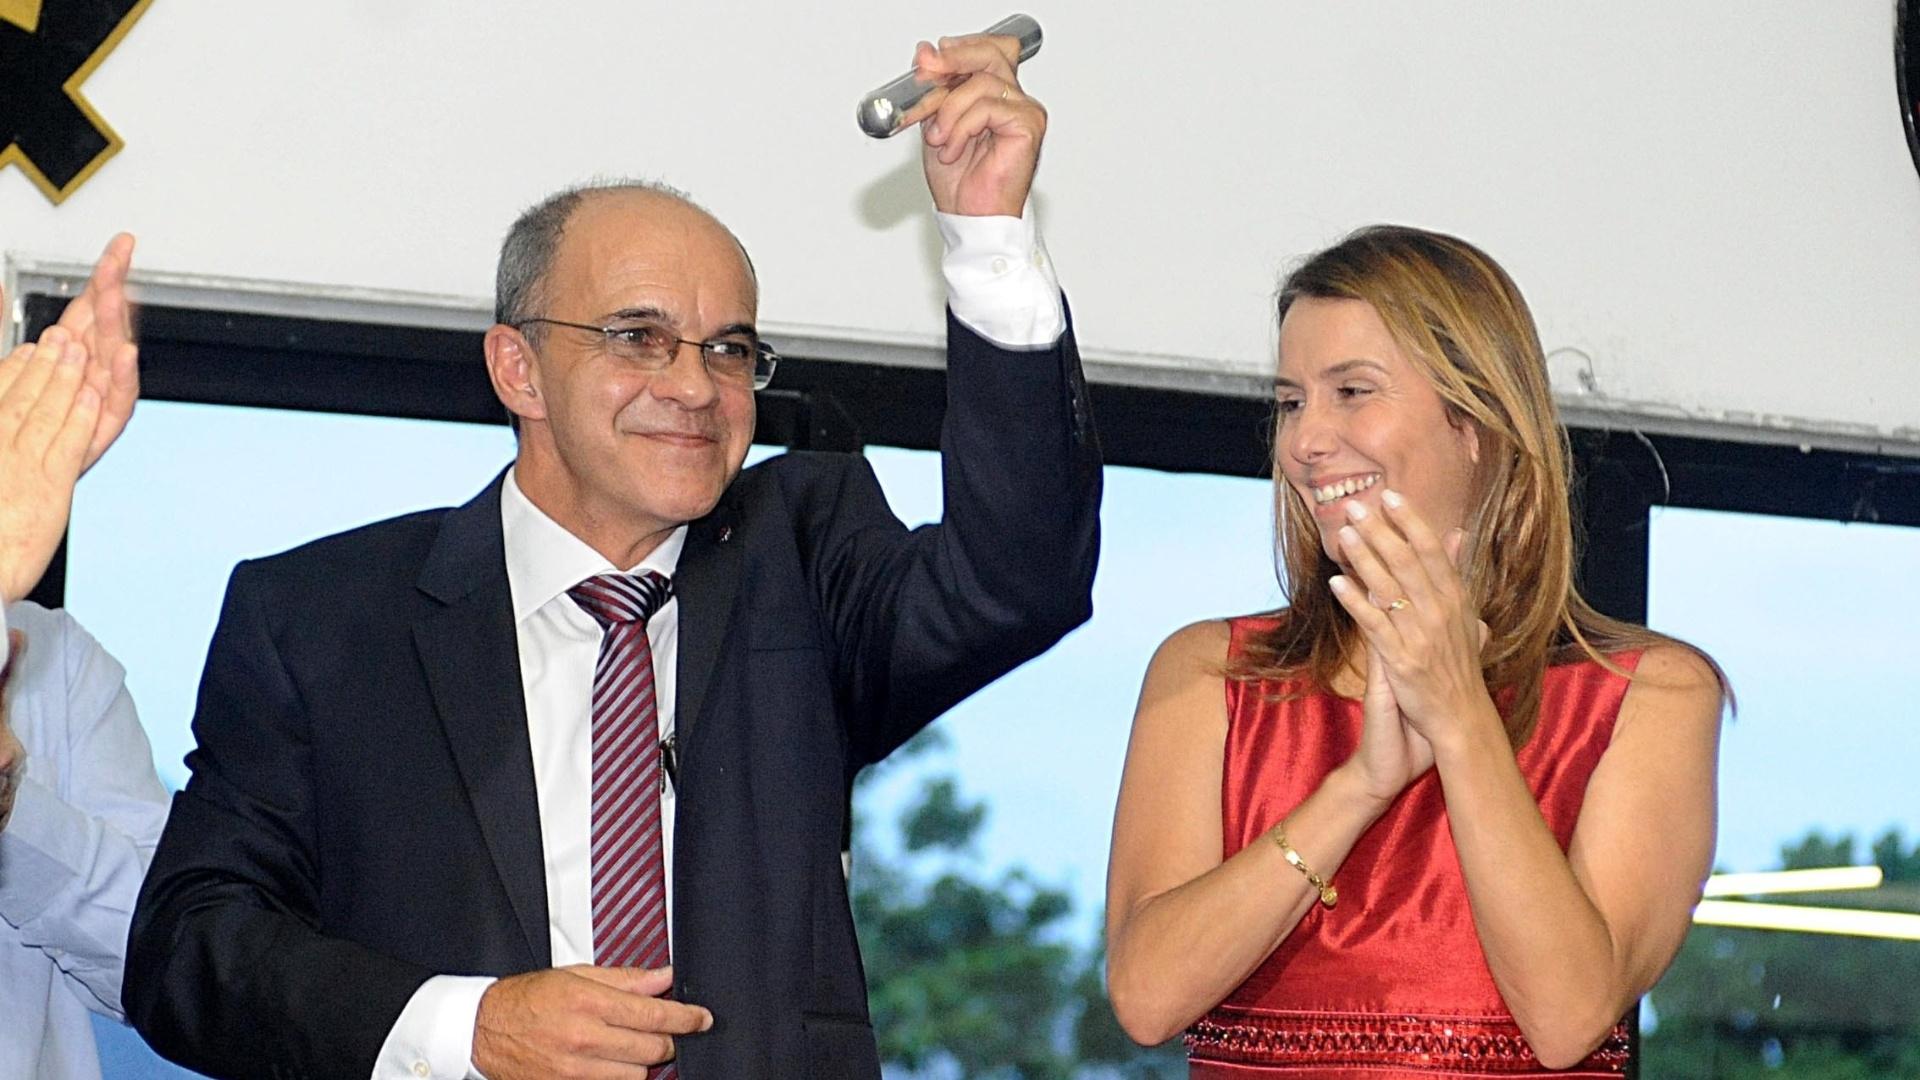 Novo presidente do Flamengo, Eduardo Bandeira de Mello, ergue o bastão recebido das mãos da ex-mandatária Patricia Amorim